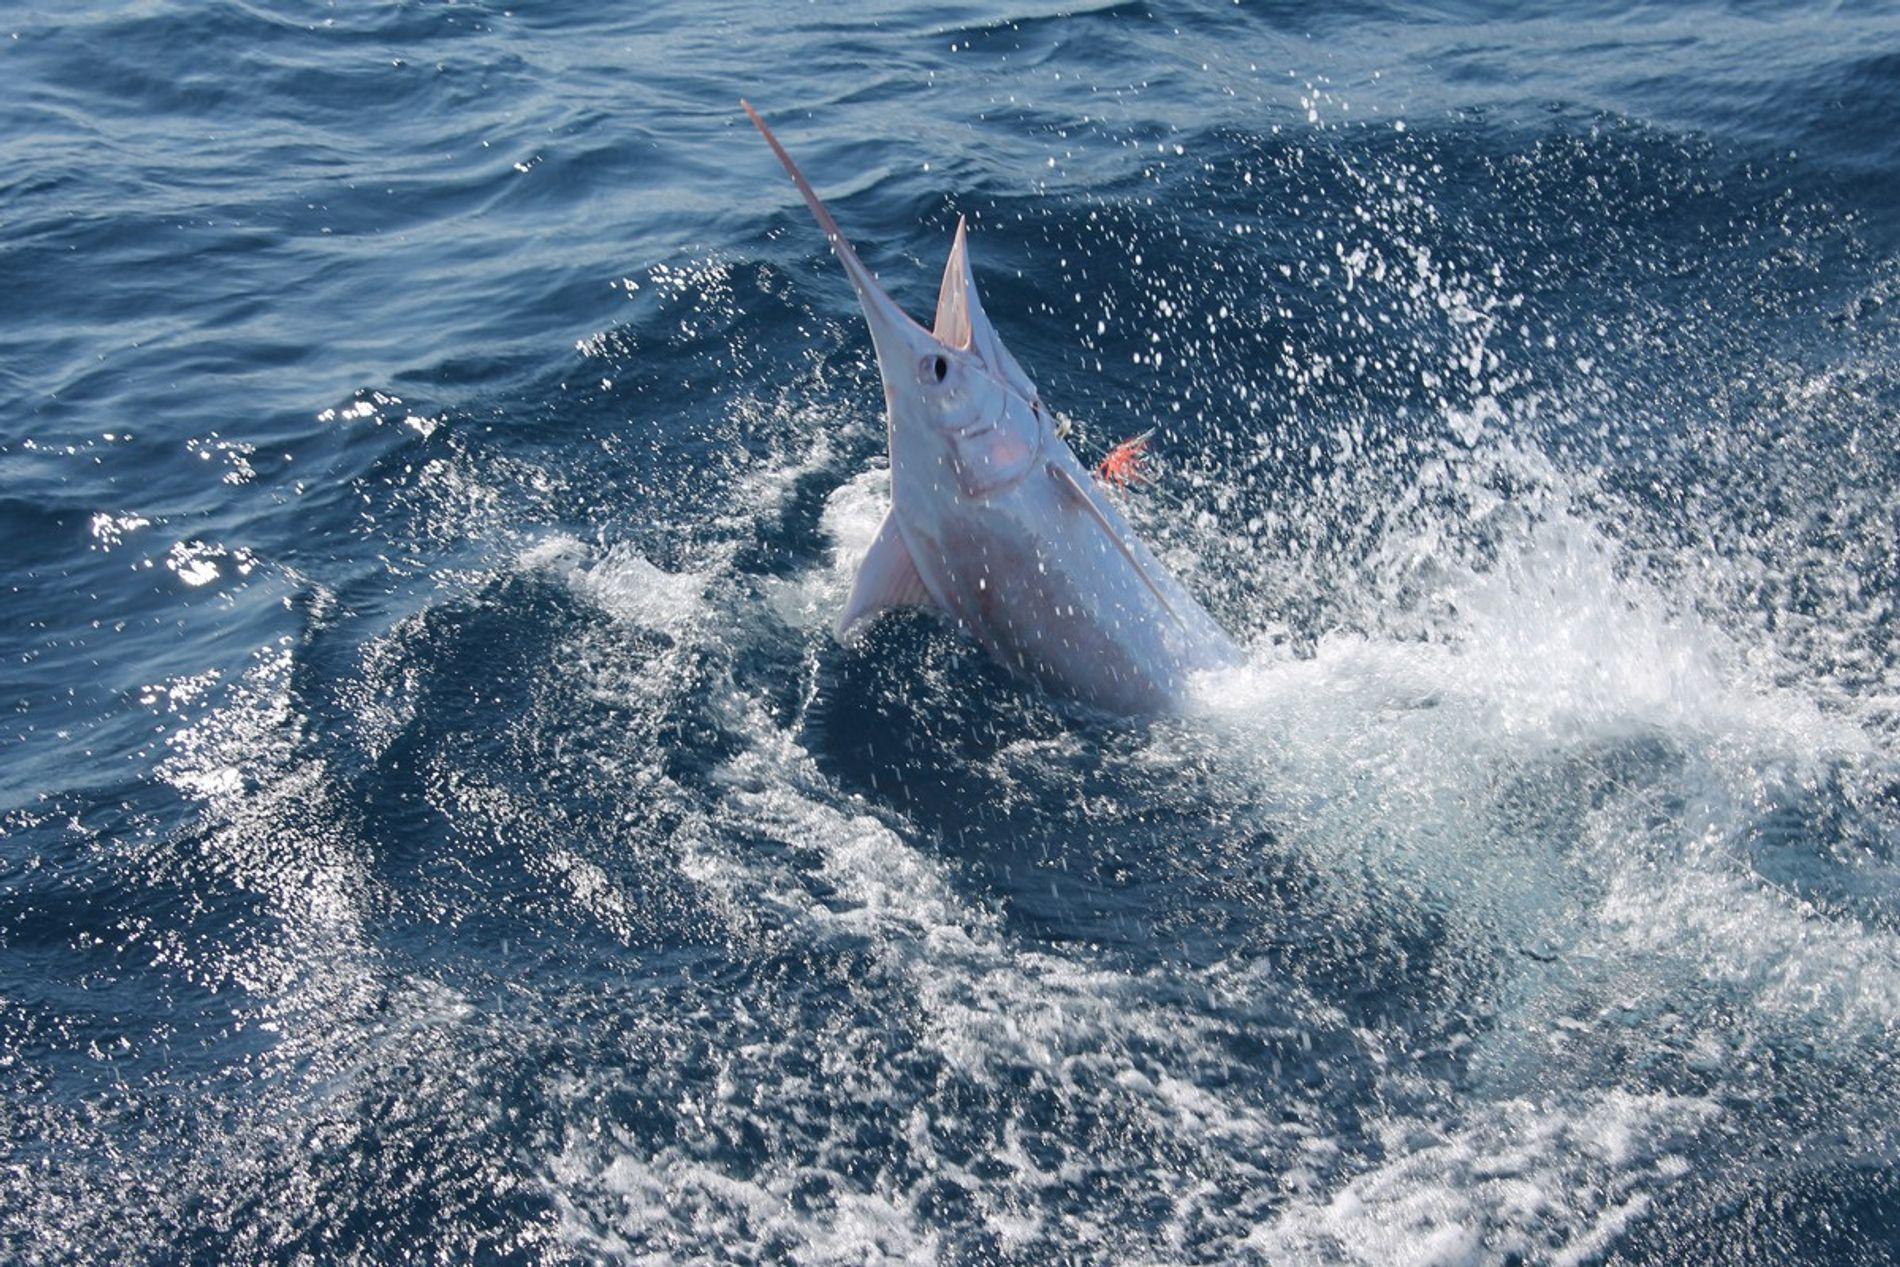 Der Marlin durchbricht die Wasseroberfläche.